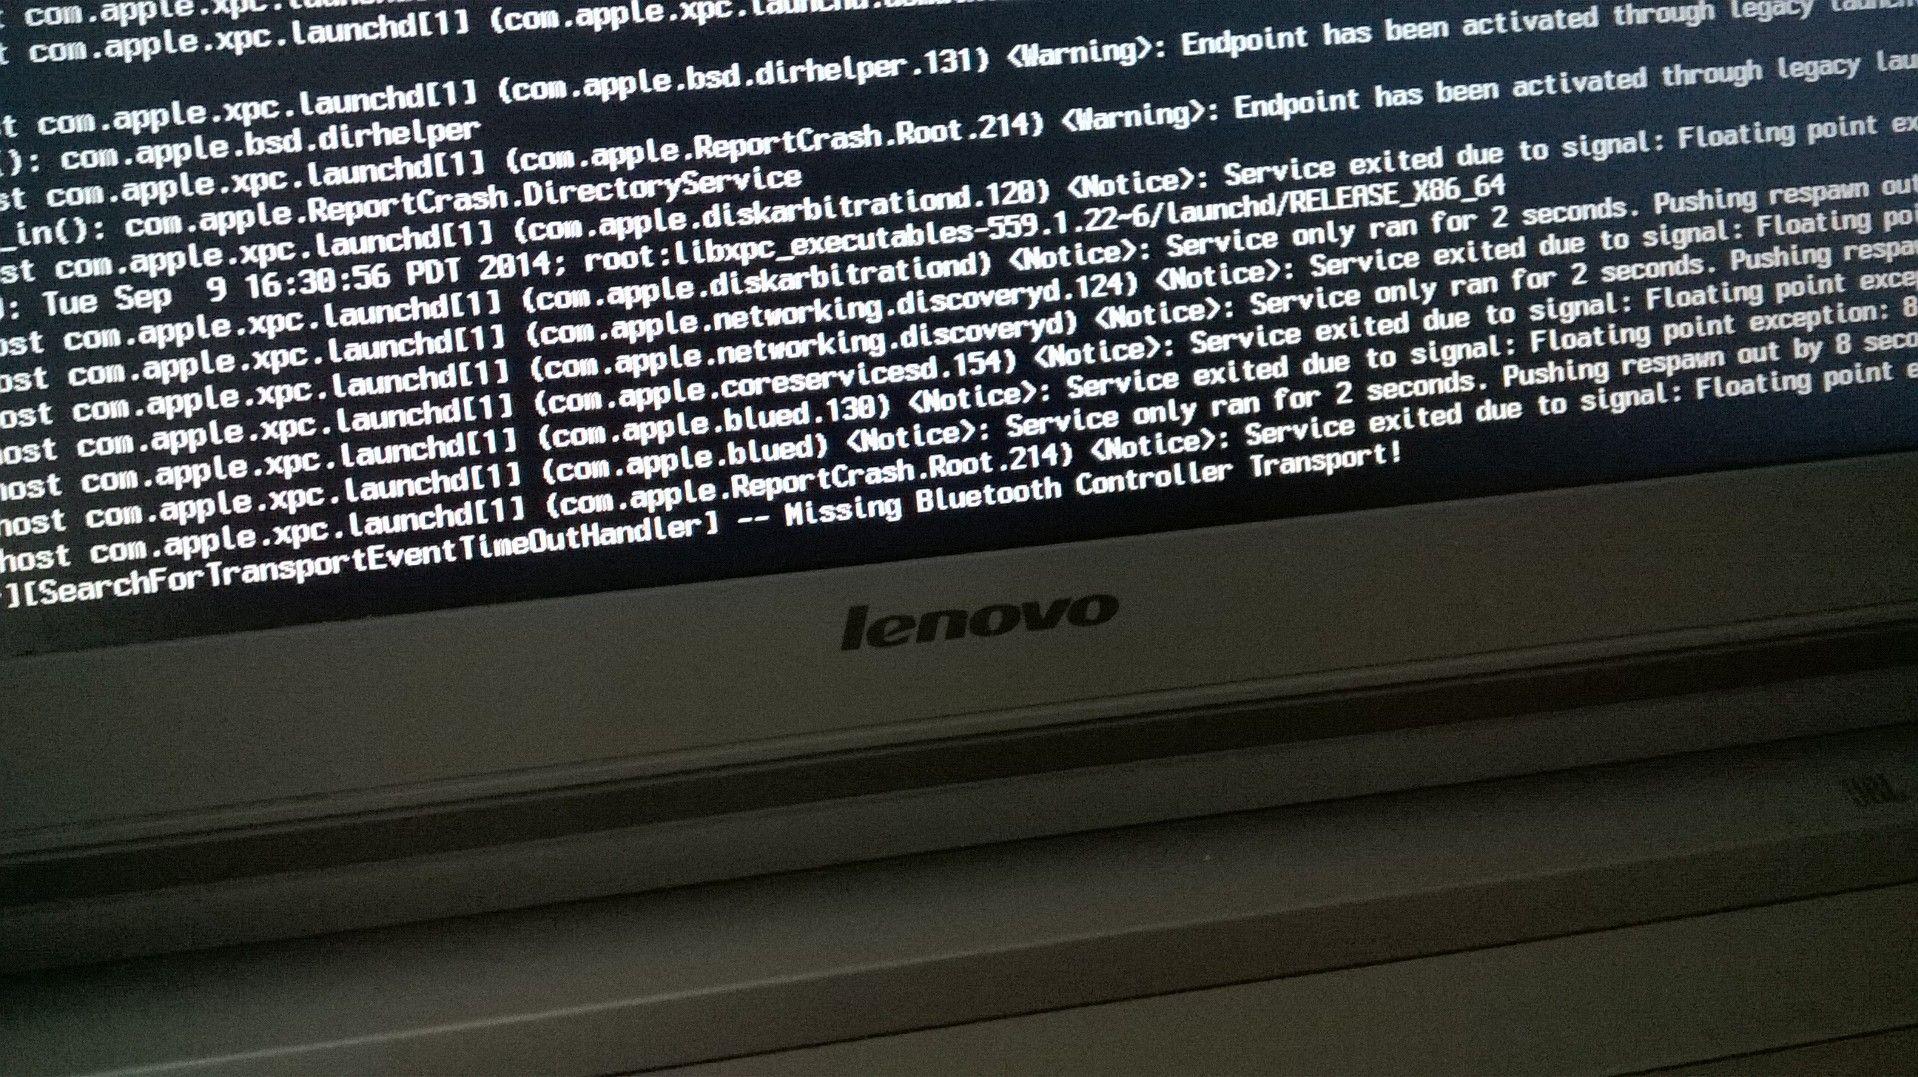 Intel Hd Graphics 4000 Pubg Kaldırır Mı: Lenovo Z510 Kurulumun Başlamama Sorunu